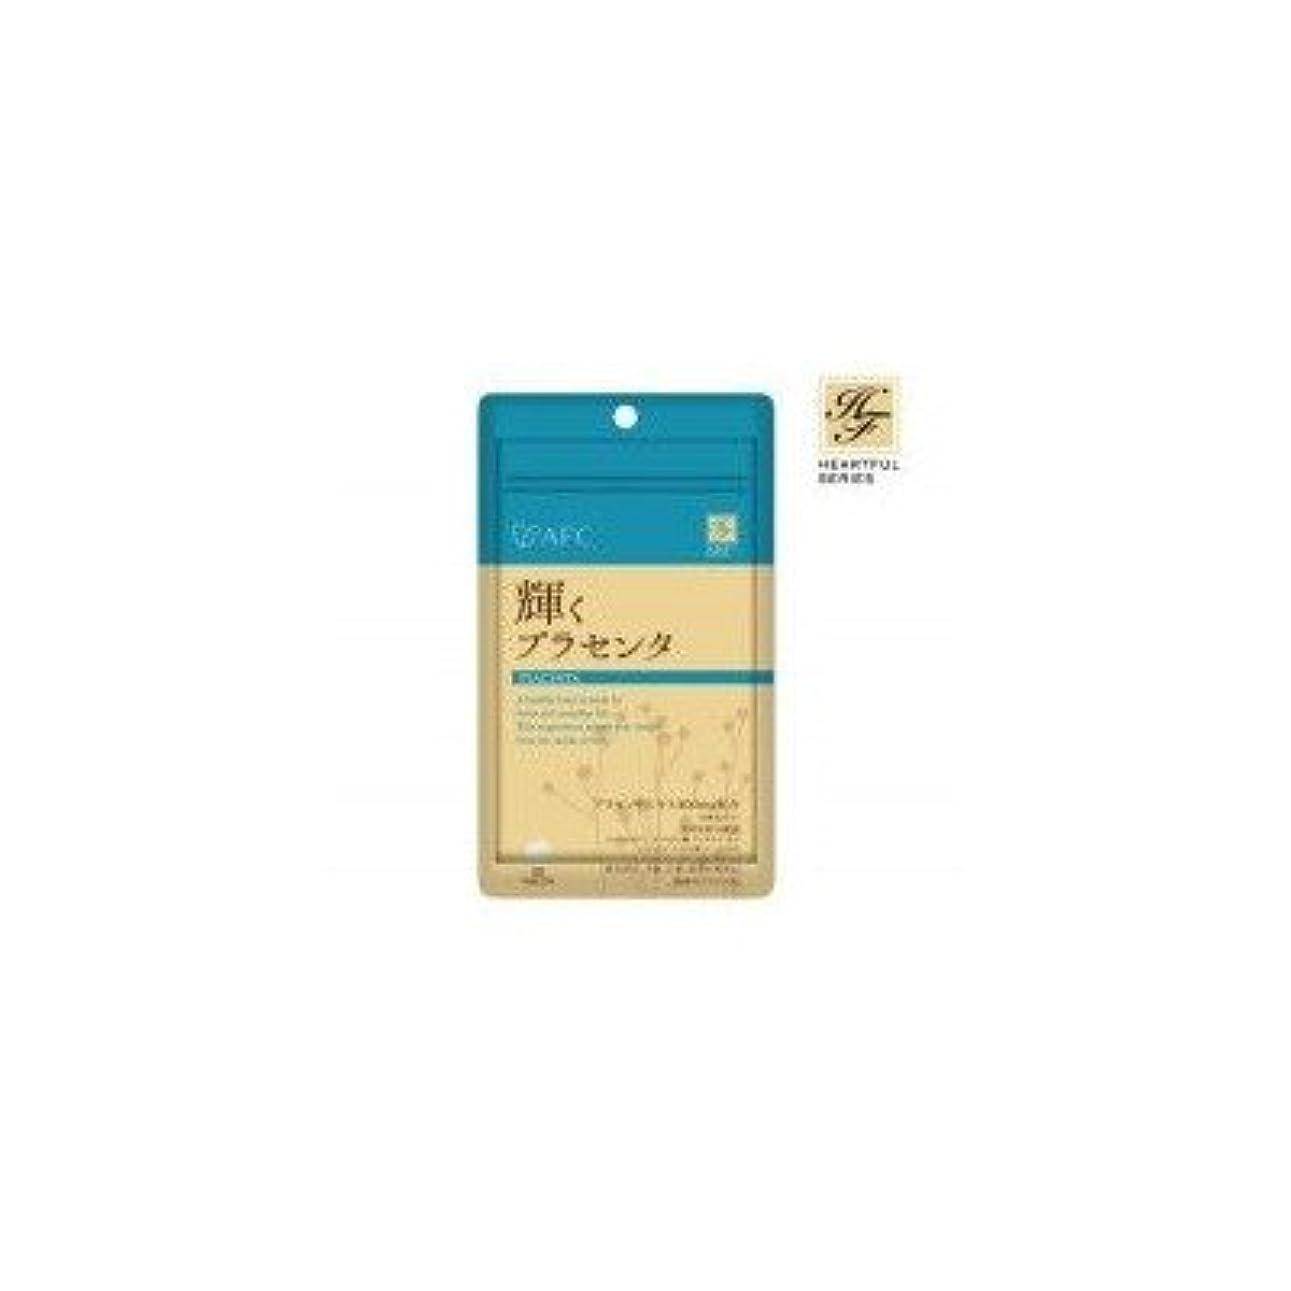 人質甘くするカラスAFC(エーエフシー) ハートフルシリーズサプリ 輝くプラセンタ HFS02×6袋